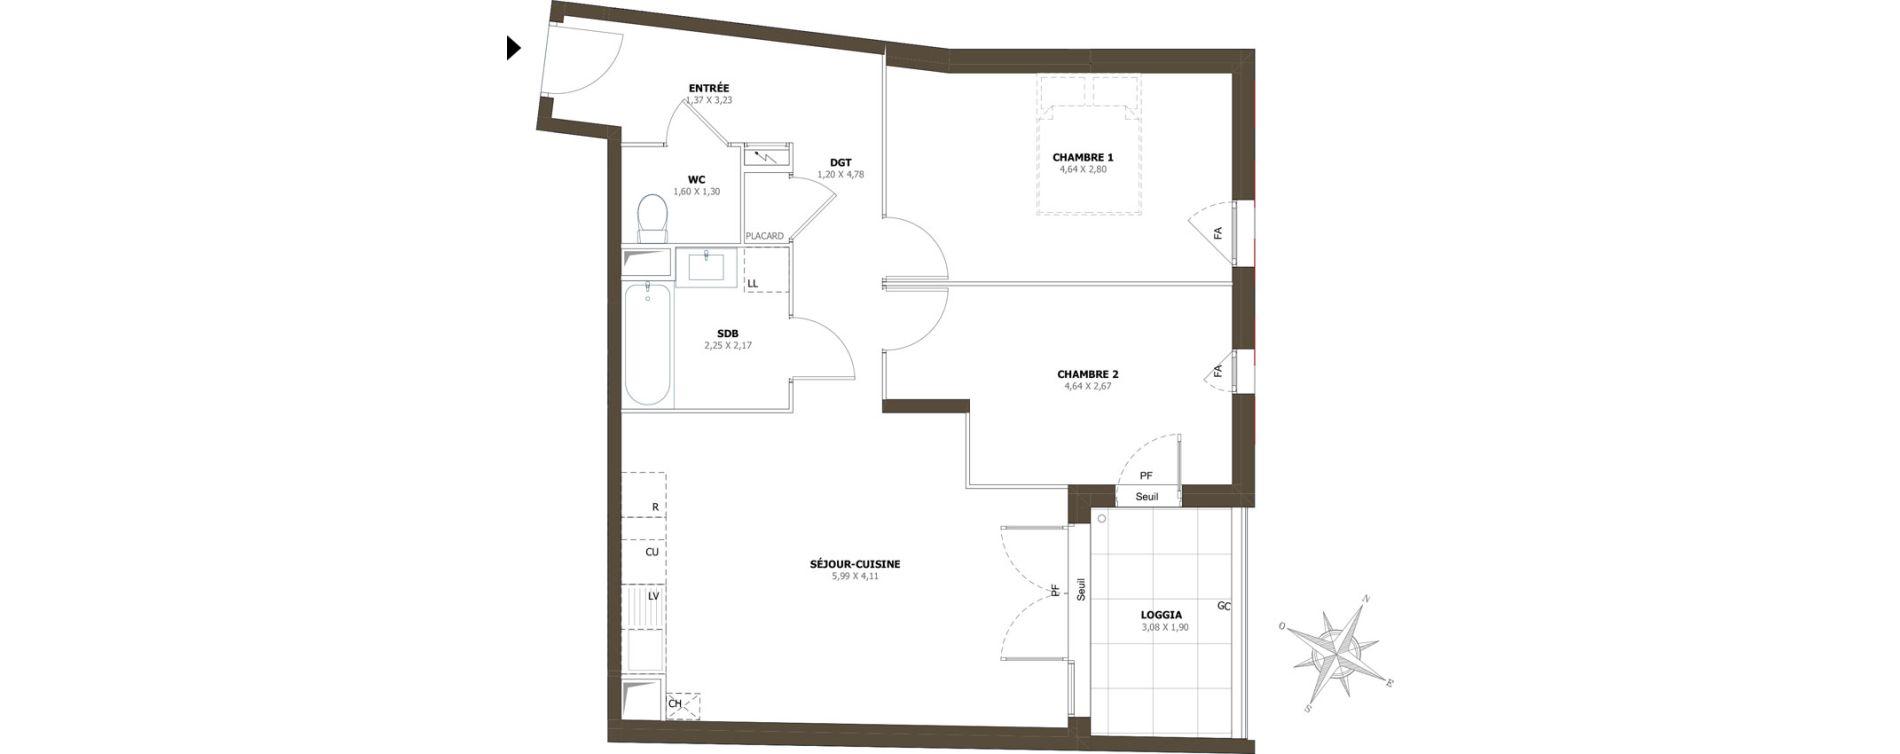 Appartement T3 de 64,56 m2 à La Londe-Les-Maures Centre